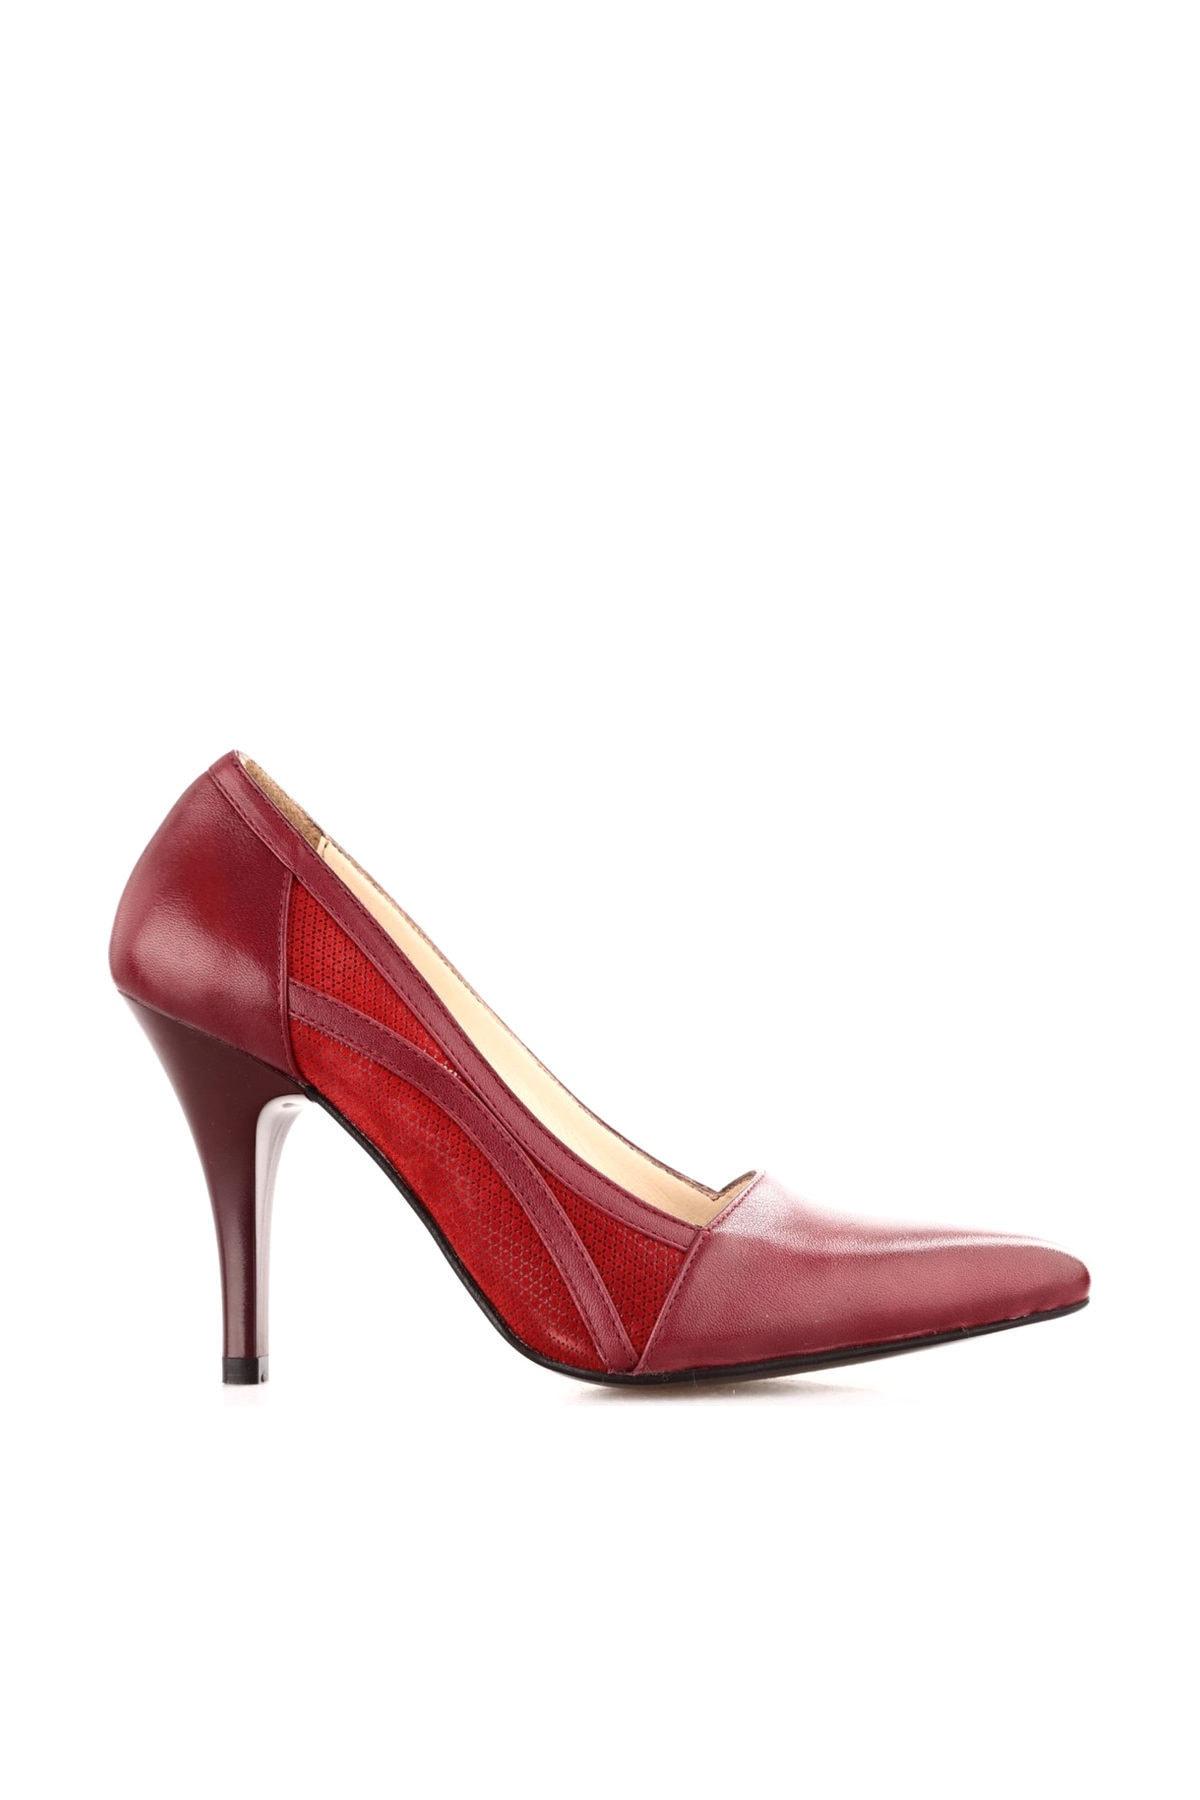 Dgn Lacivert Kadın Klasik Topuklu Ayakkabı 166-127